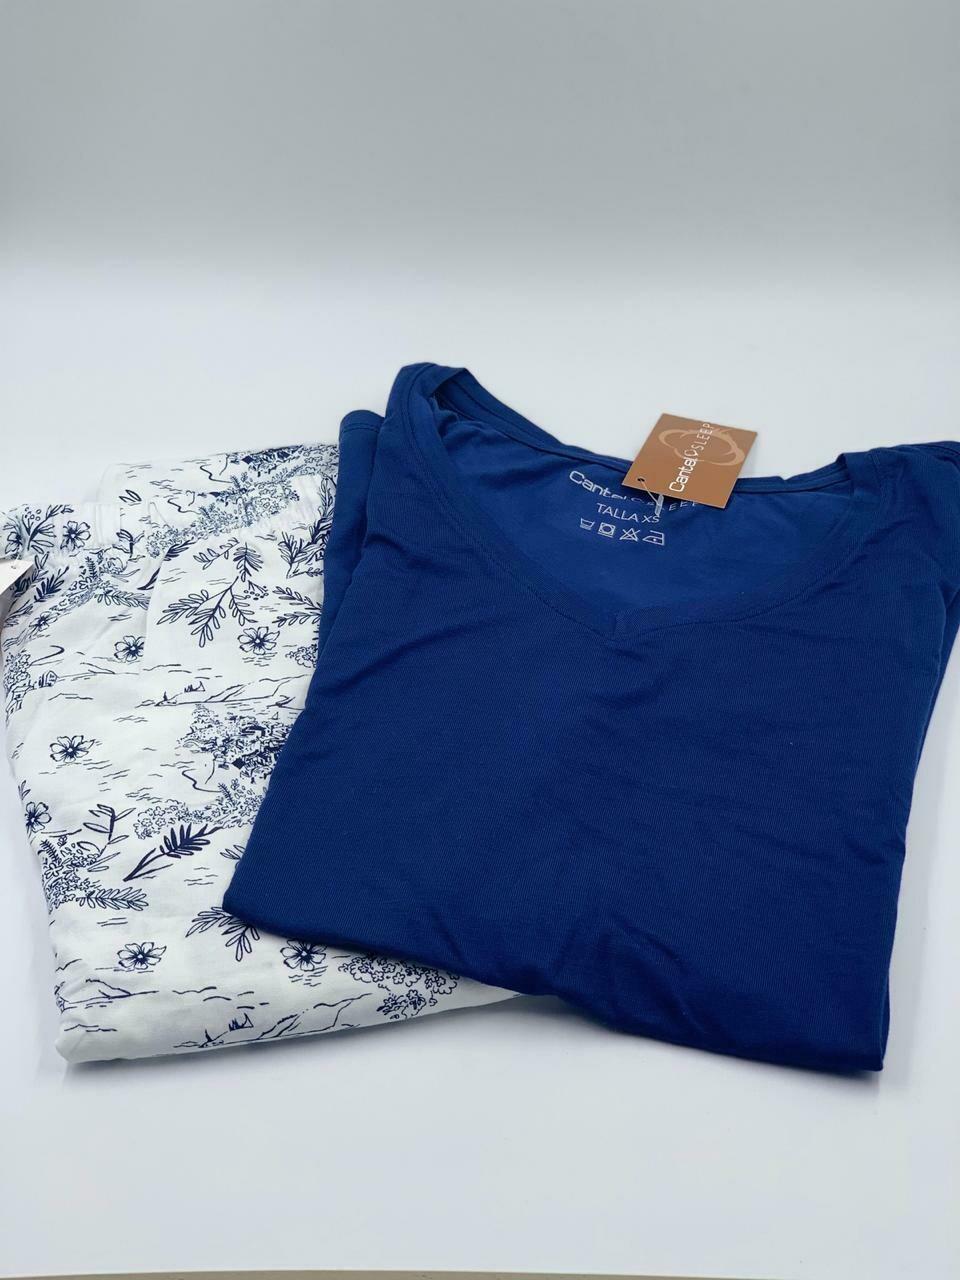 Pantalón Pijama Cantel Sleep Dama Vietella Palm Azul blanco